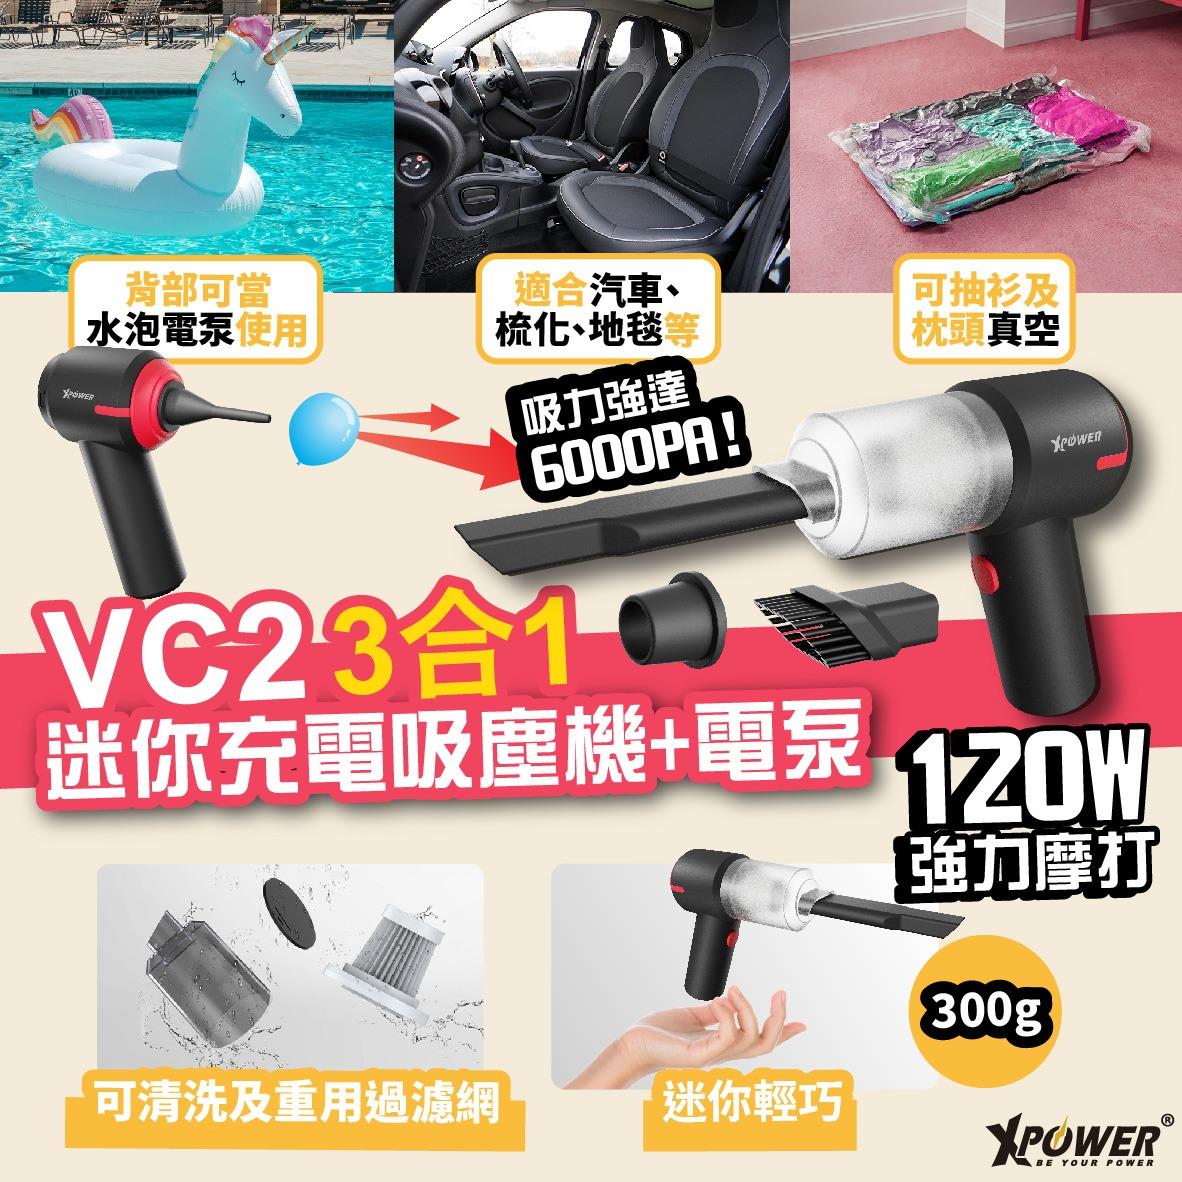 Xpower VC2 3合1迷你充電吸塵機+電泵